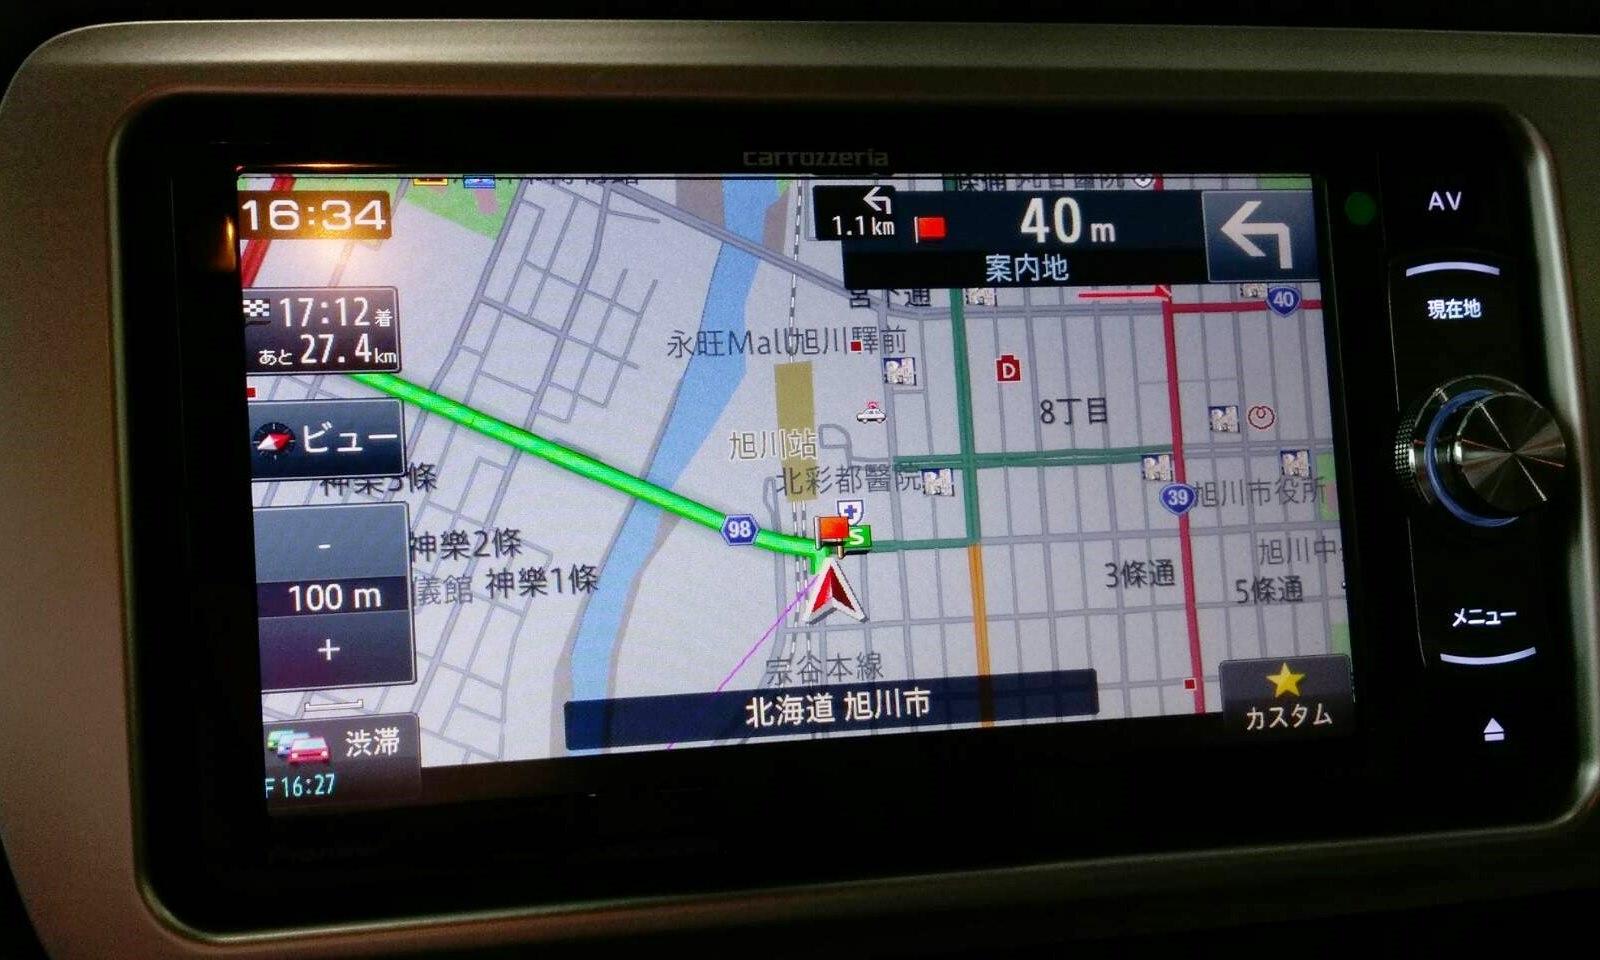 [北海道自助]北海道雪地自駕分享x北海道租車NIPPON RENT-A-CAR 北海道租車推薦 @美食好芃友